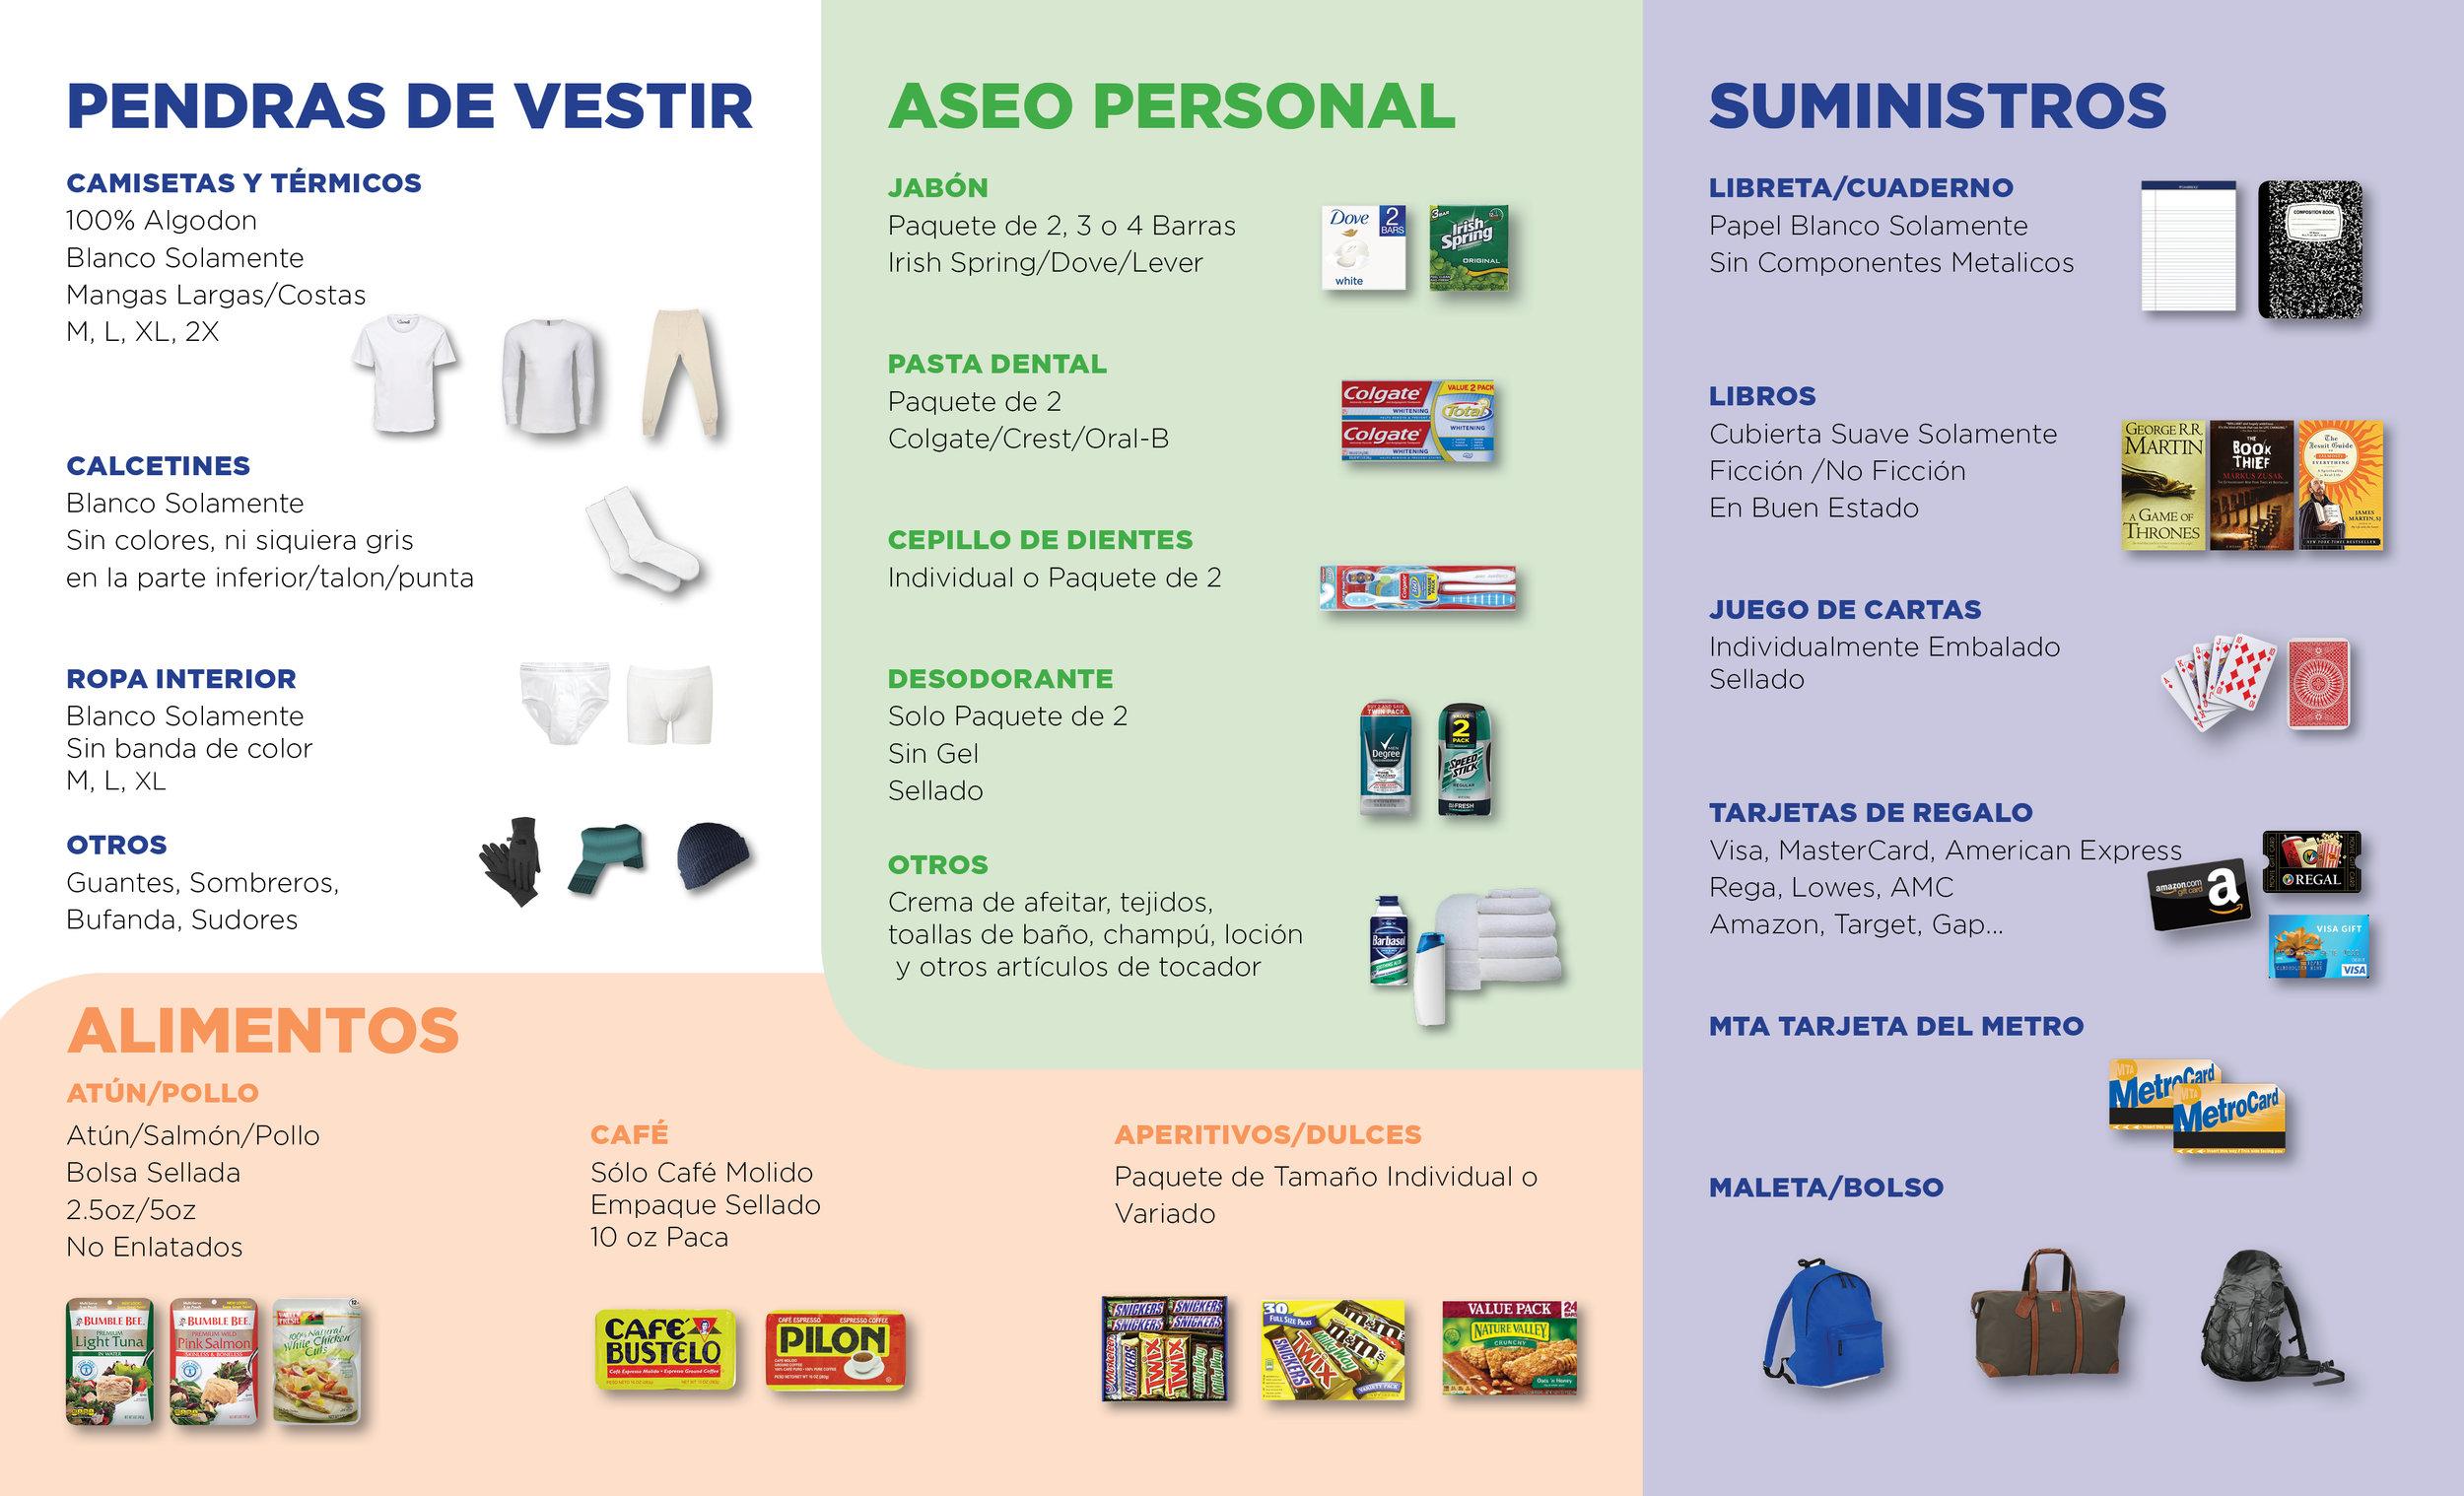 Welcome Home Mochilas y Paquetes de Cuidado - Damos la bienvenida a donaciones de ropa, alimentos, tarjetas metrocard y artículos de tocador